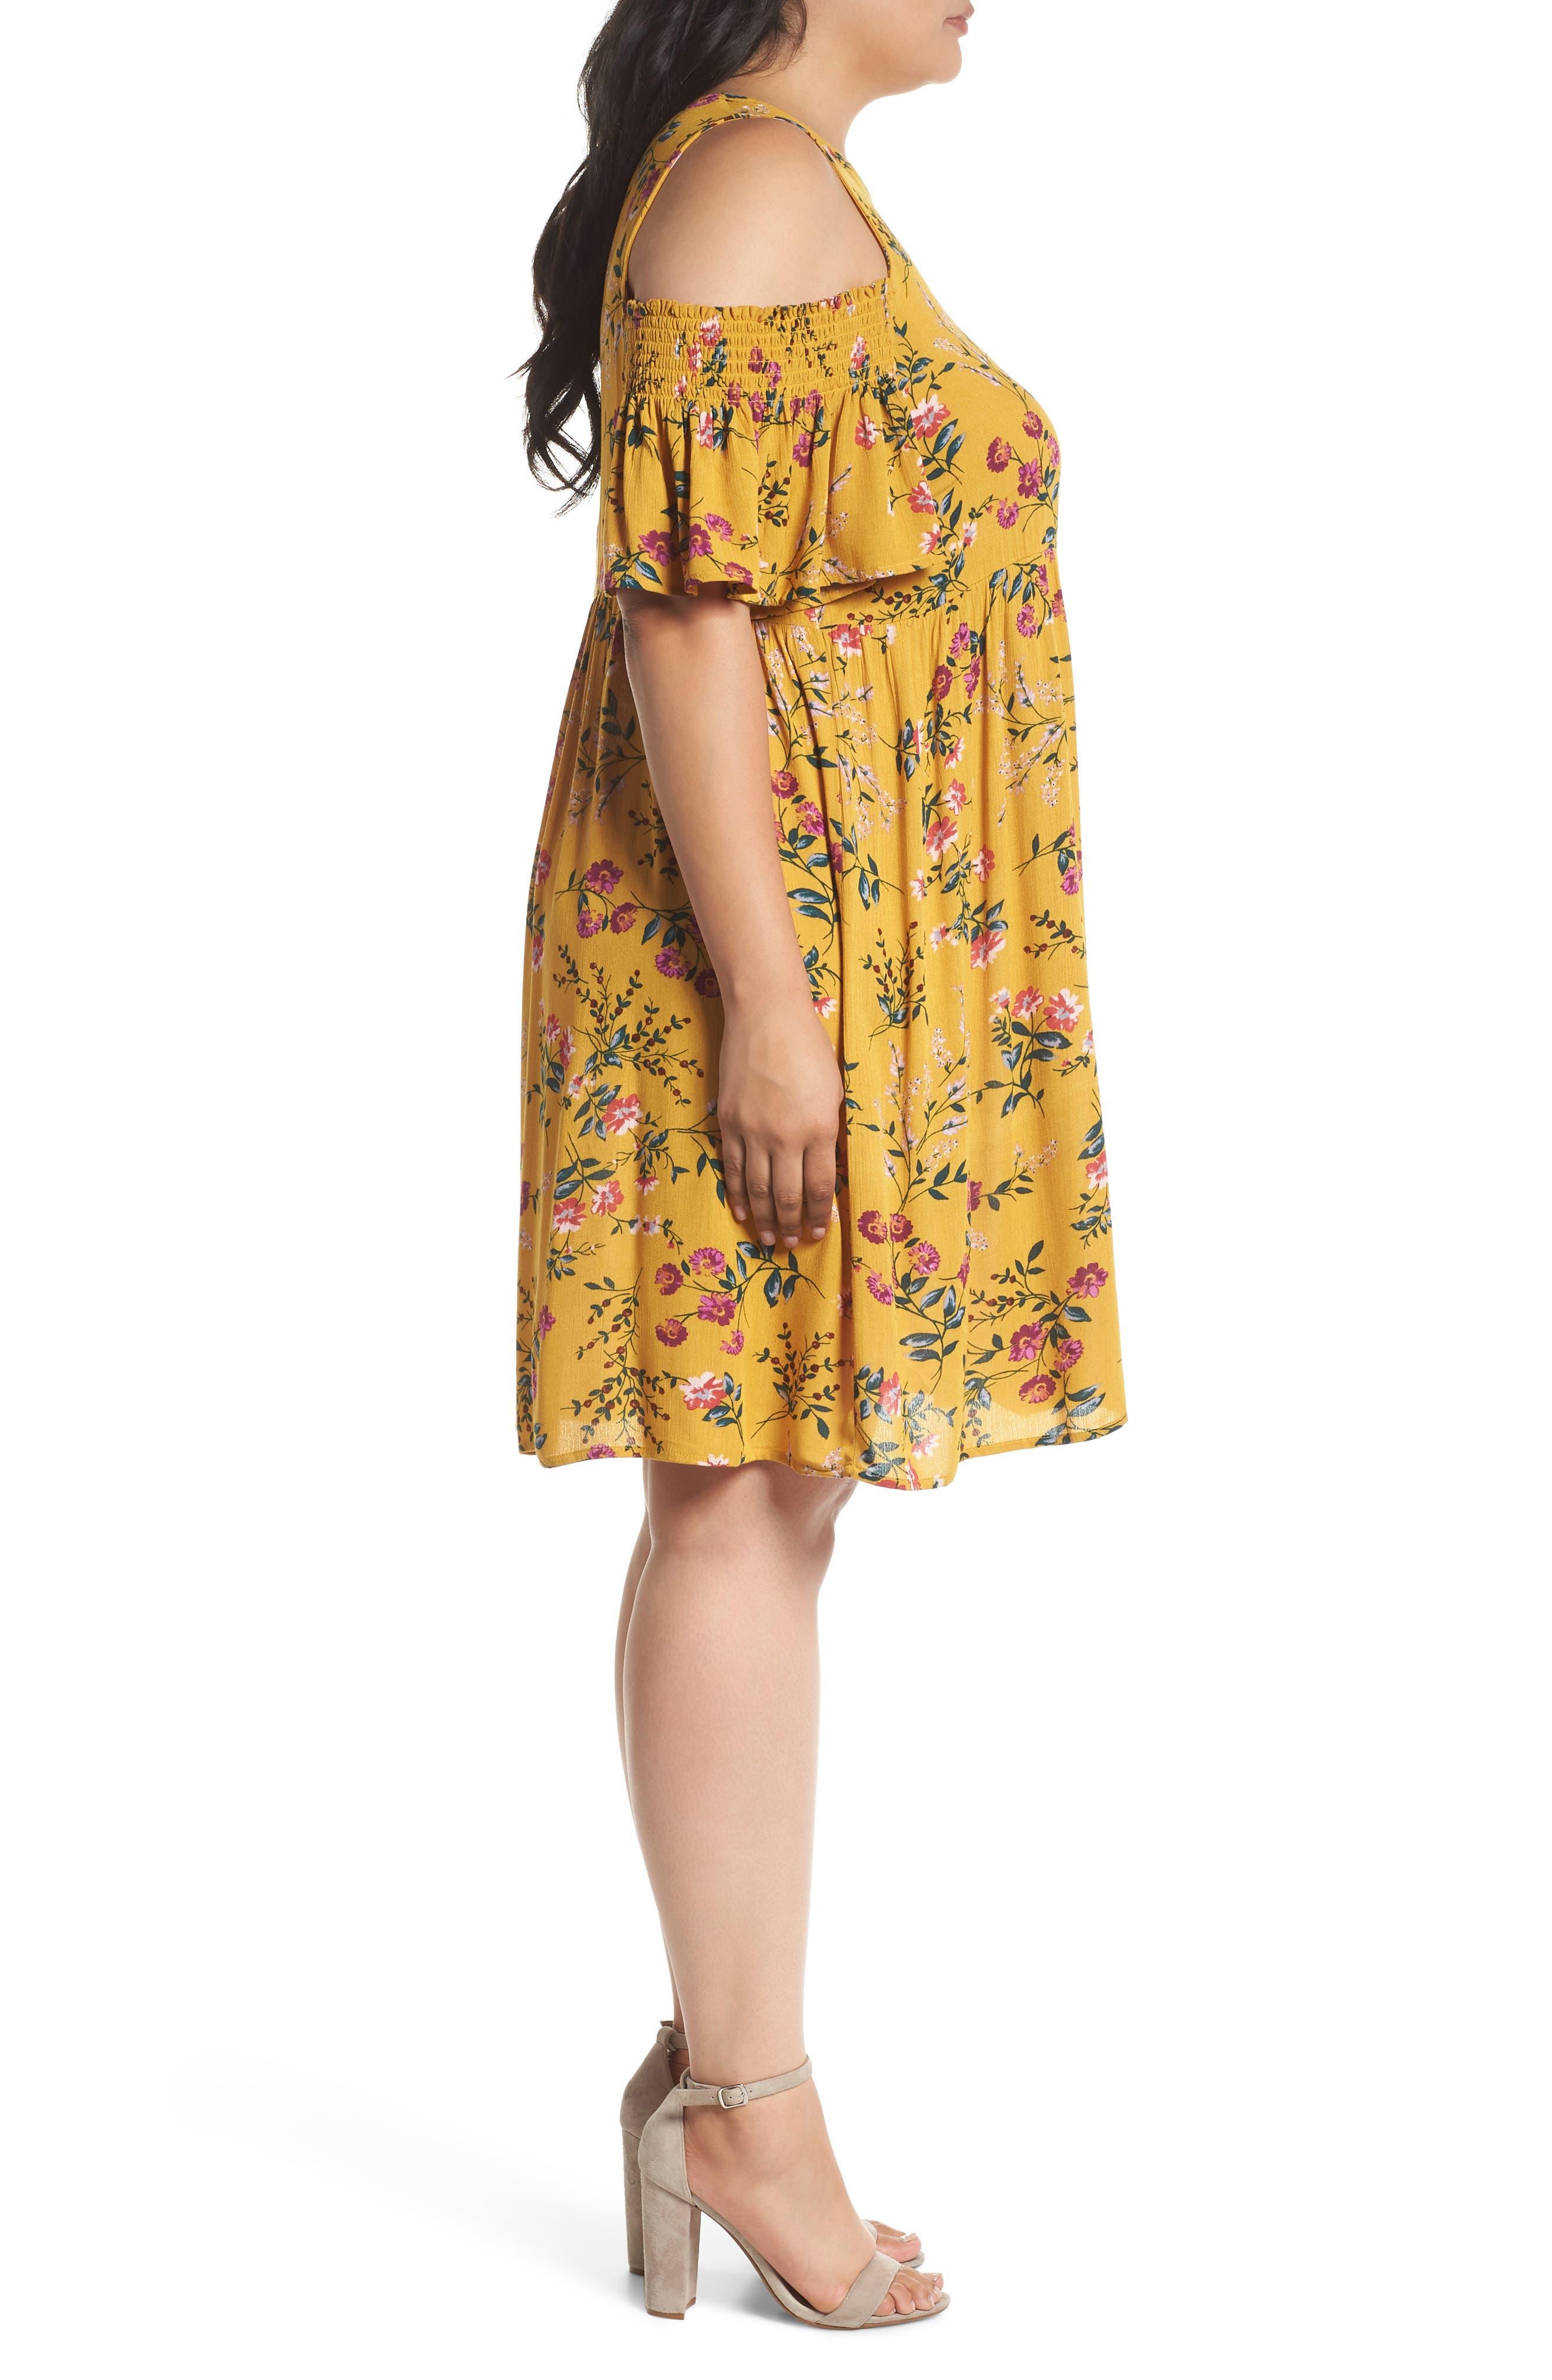 Floral Smocked Cold Shoulder Dress,                             Alternate thumbnail 3, color,                             Mustard Multi Floral